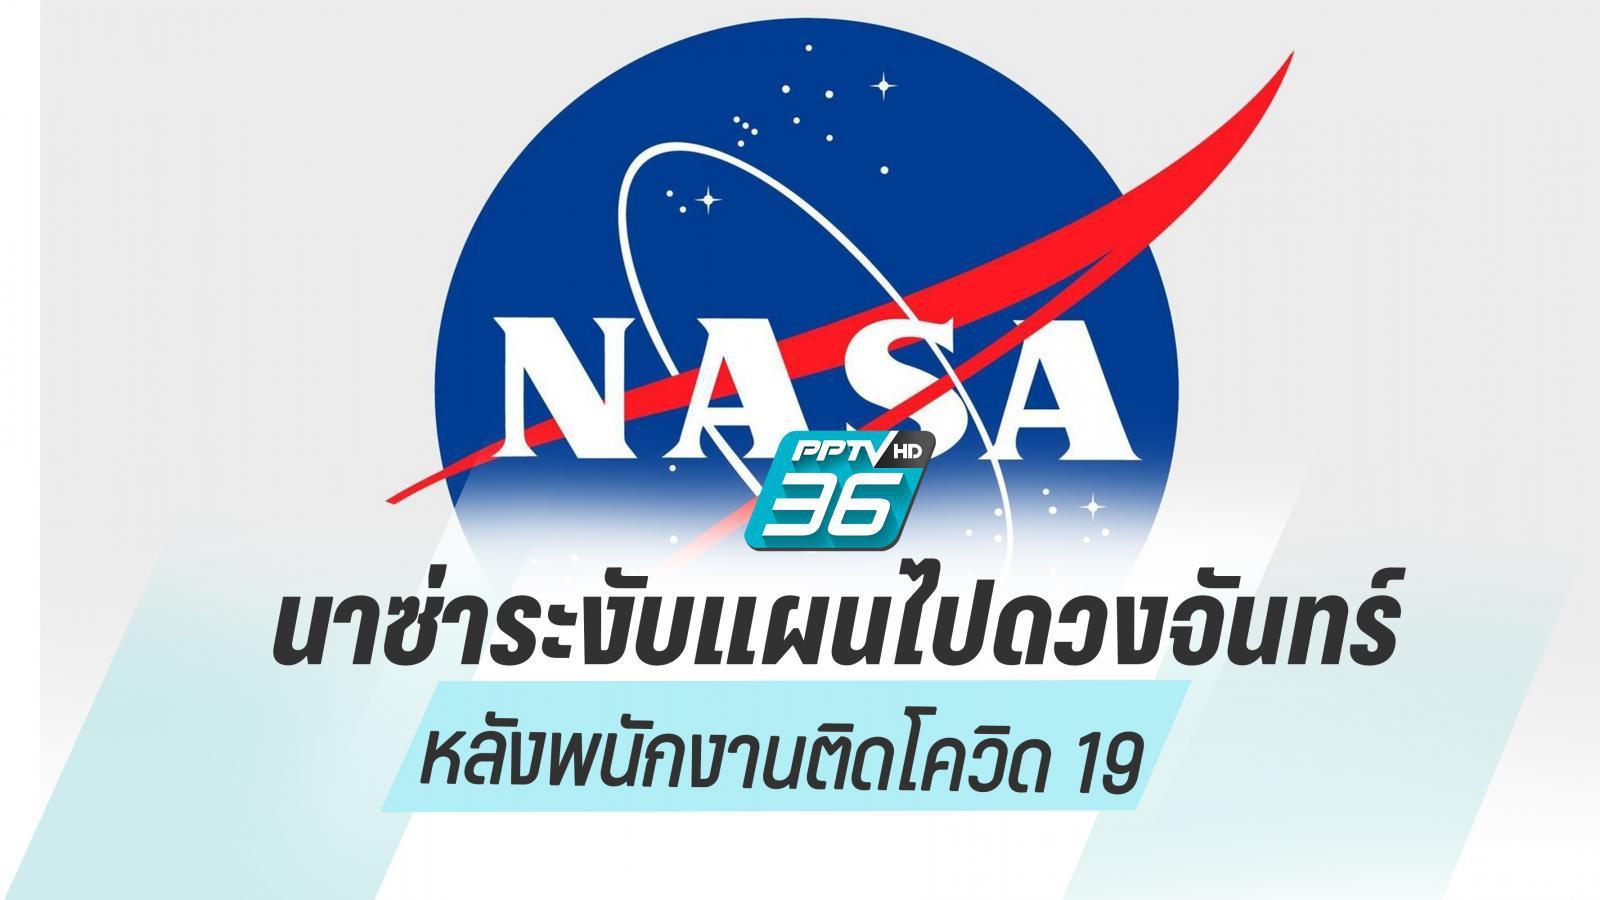 นาซา ระงับแผนทดสอบนจรวดไปดวงจันทร์ หลังพบพนักงานติดโควิด - 19